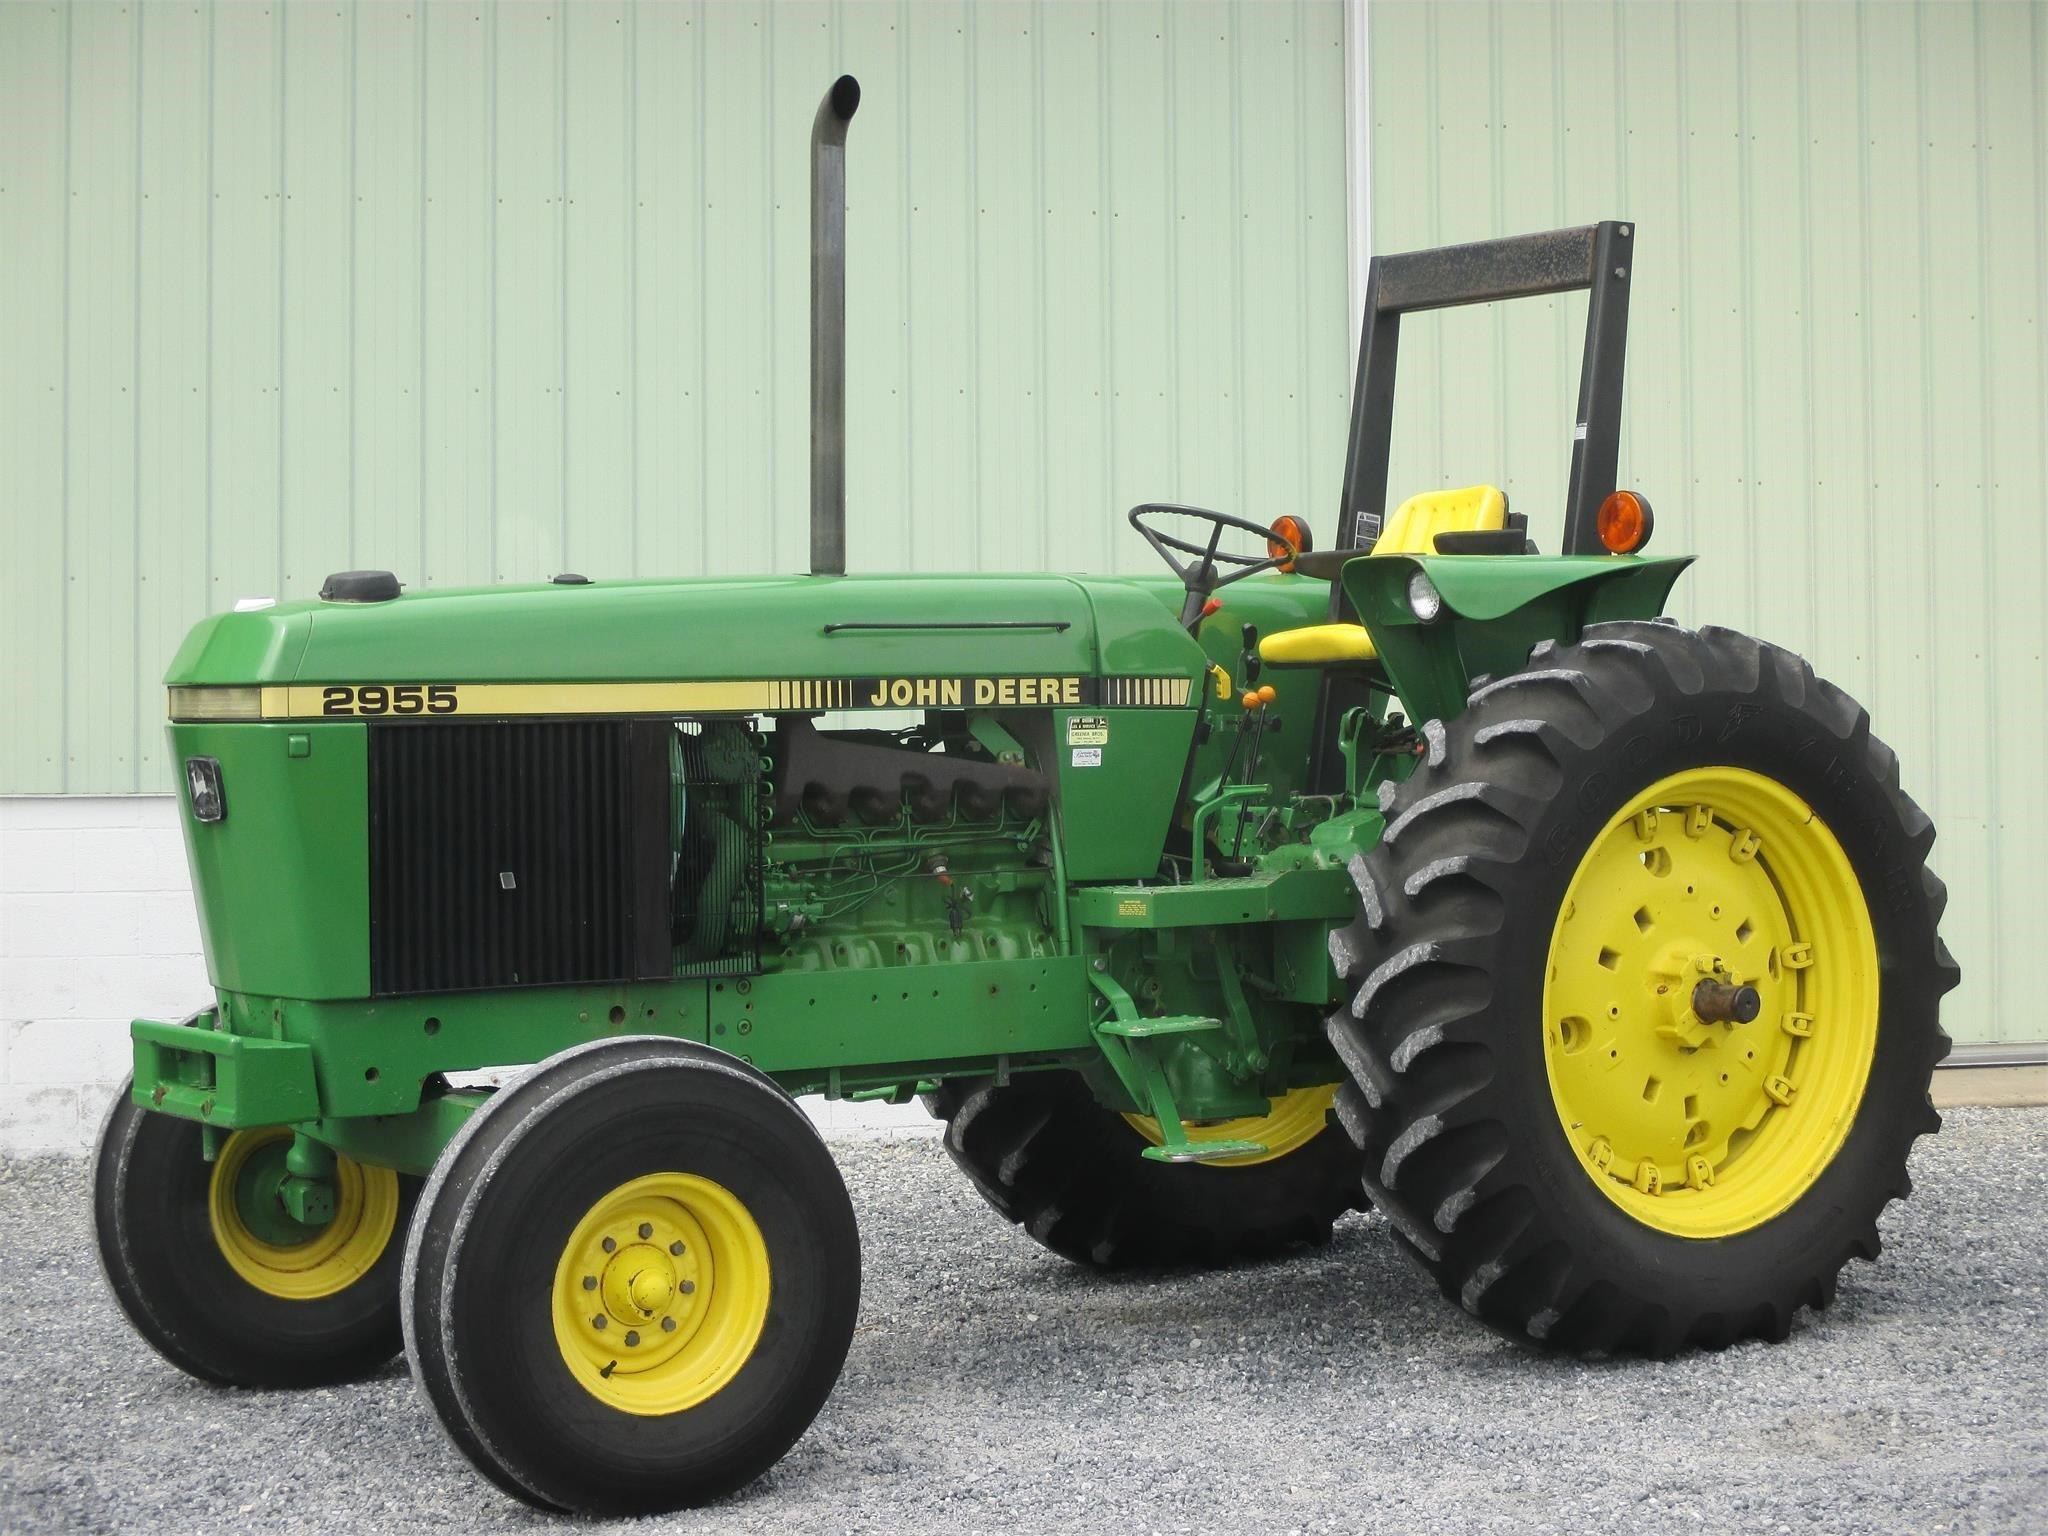 1988 John Deere 2955 Tractor